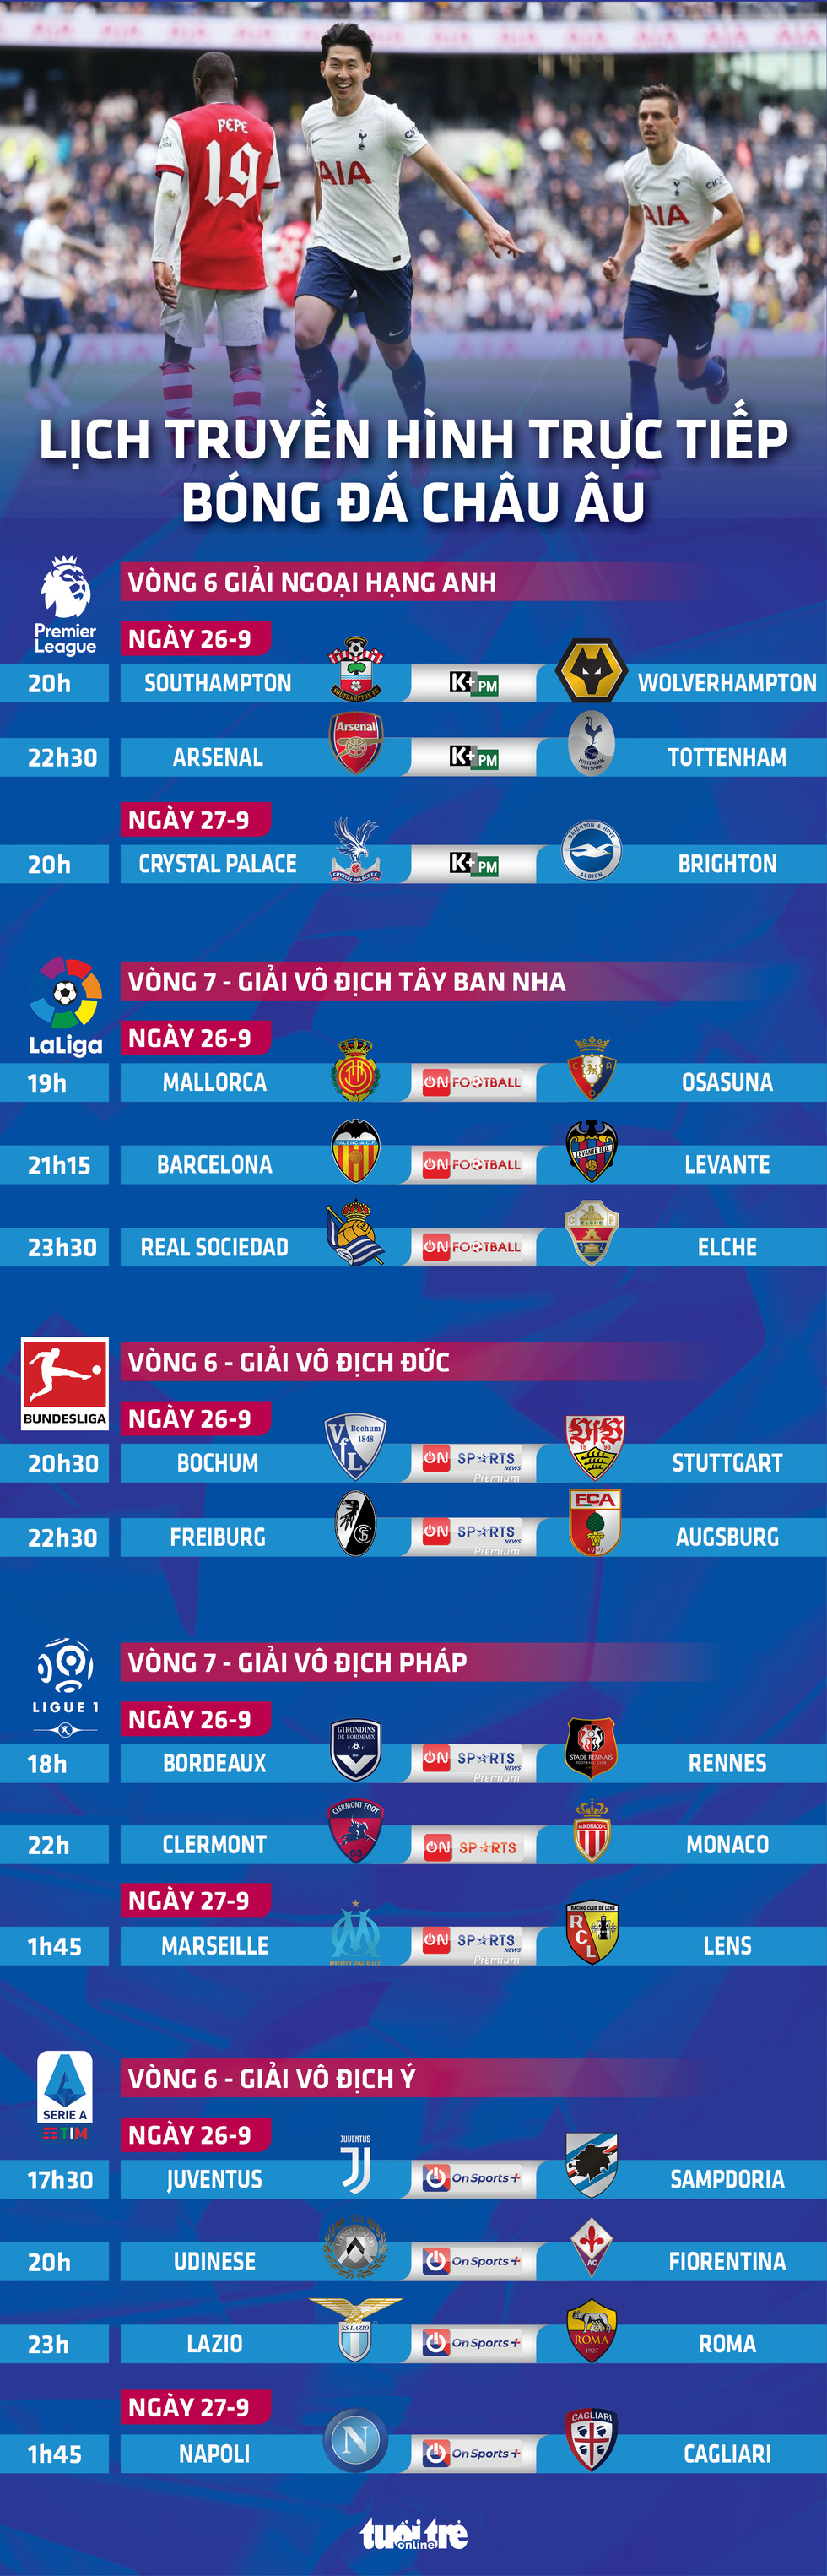 Lịch trực tiếp bóng đá châu Âu 26-9: Arsenal - Tottenham, Barca và Juventus thi đấu - Ảnh 1.